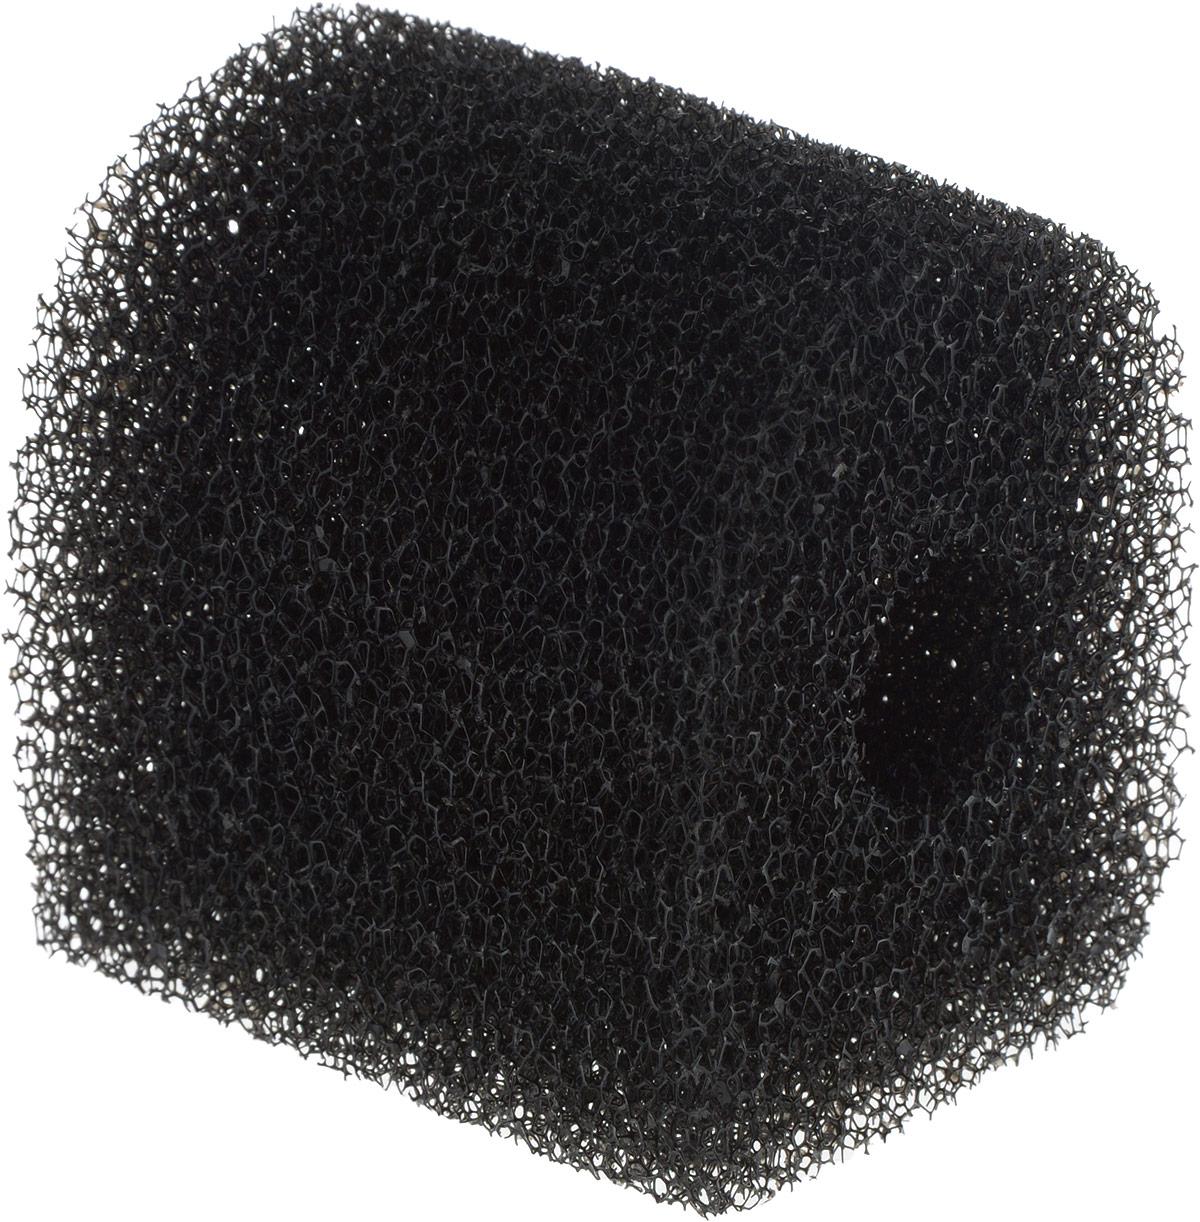 Губка Barbus для фильтра FILTR 018, сменная, 7,5 х 7,2 х 6 смSPONGE 031Сменная губка Barbus предназначена для фильтра 018 и состоит из высокопористого материала для эффективной очистки воды в аквариуме. Губка для фильтра является основным сменным элементом, влияющем на обеспечение нормальных условий для жизни рыб. Губка отлично подходит для размножения полезных бактерий, поэтому осуществляет как механическую, так и биологическую очистку.